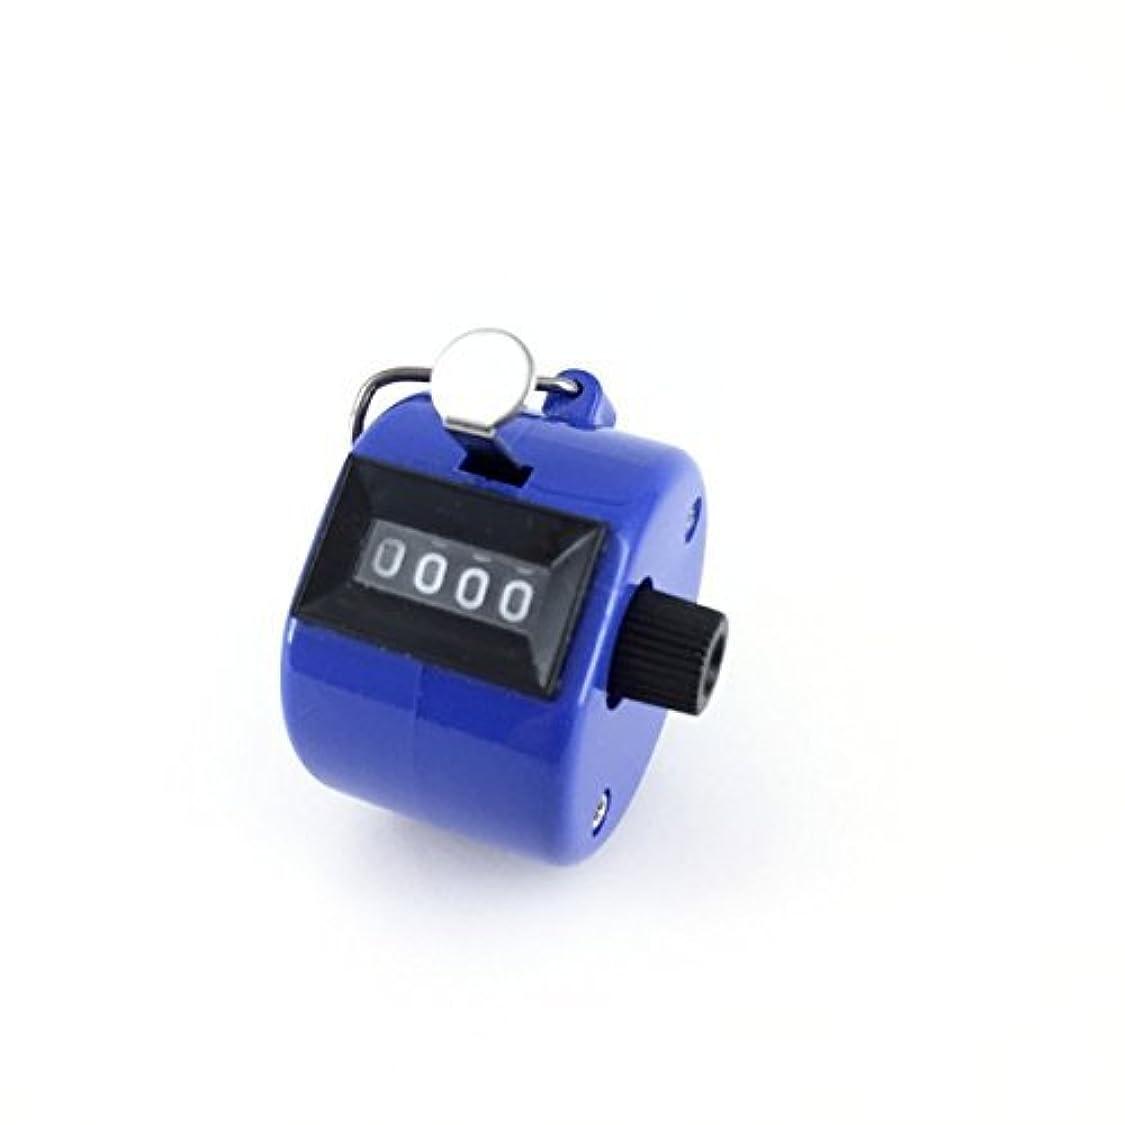 拮抗デンマーク掃除エクステカウンター 手持ちホルダー付き 数取器 まつげエクステ用品 カラー4色 (ブルー)